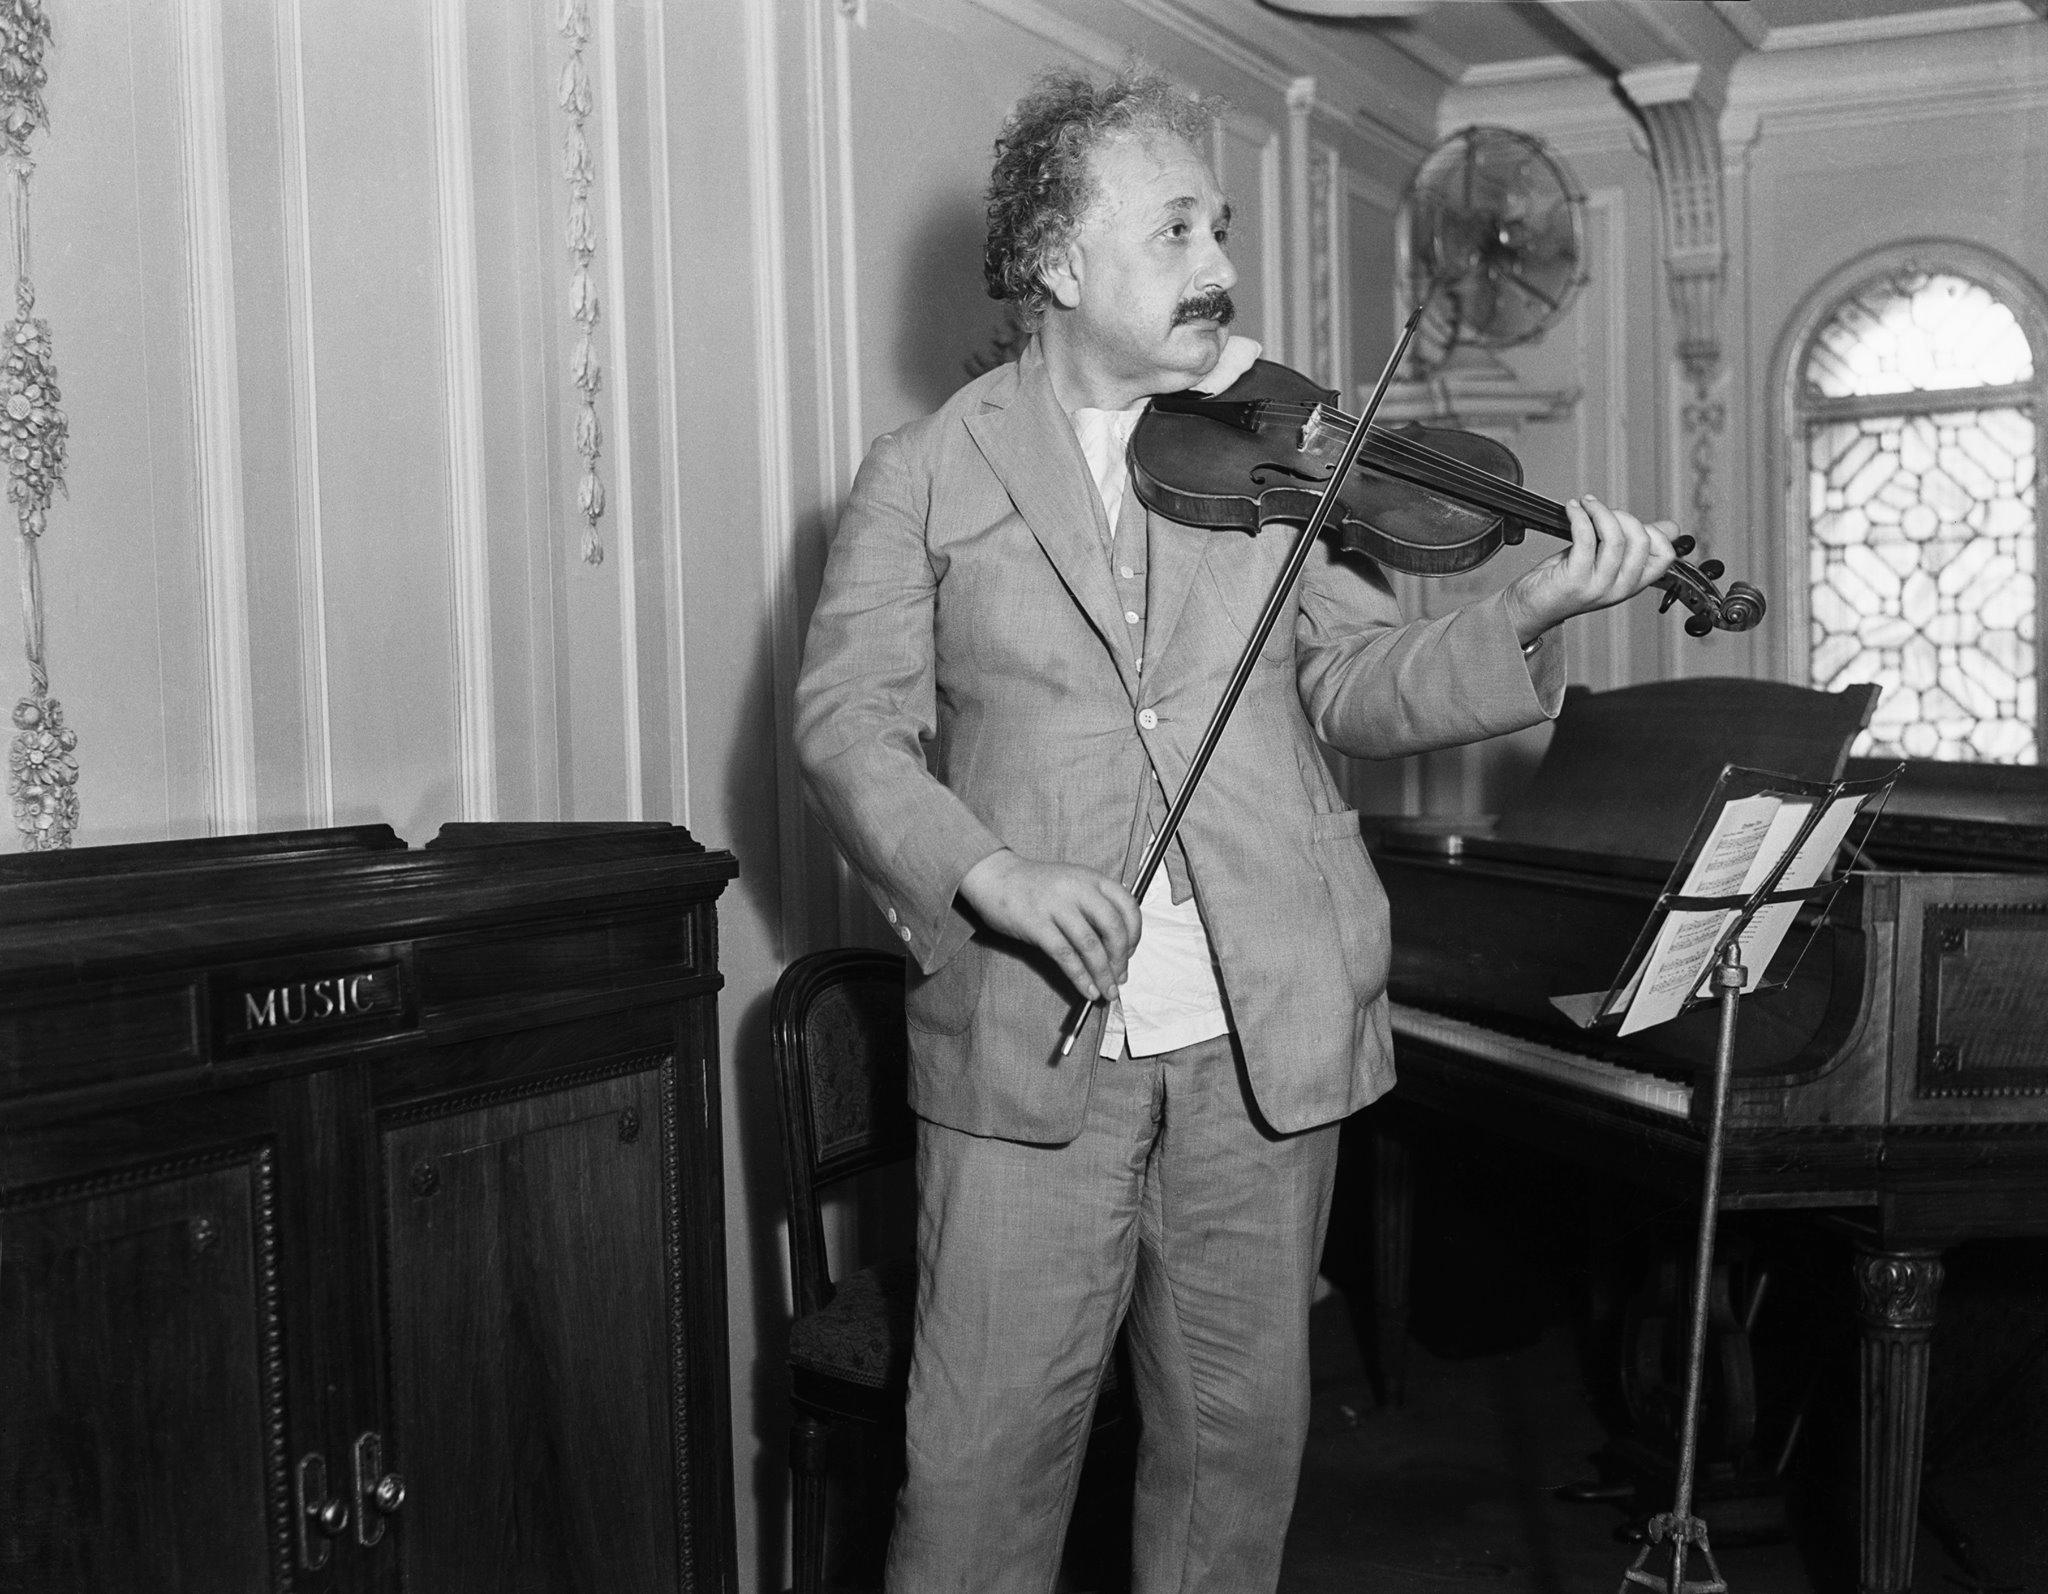 Albert-Einstein-violin-1929.jpg